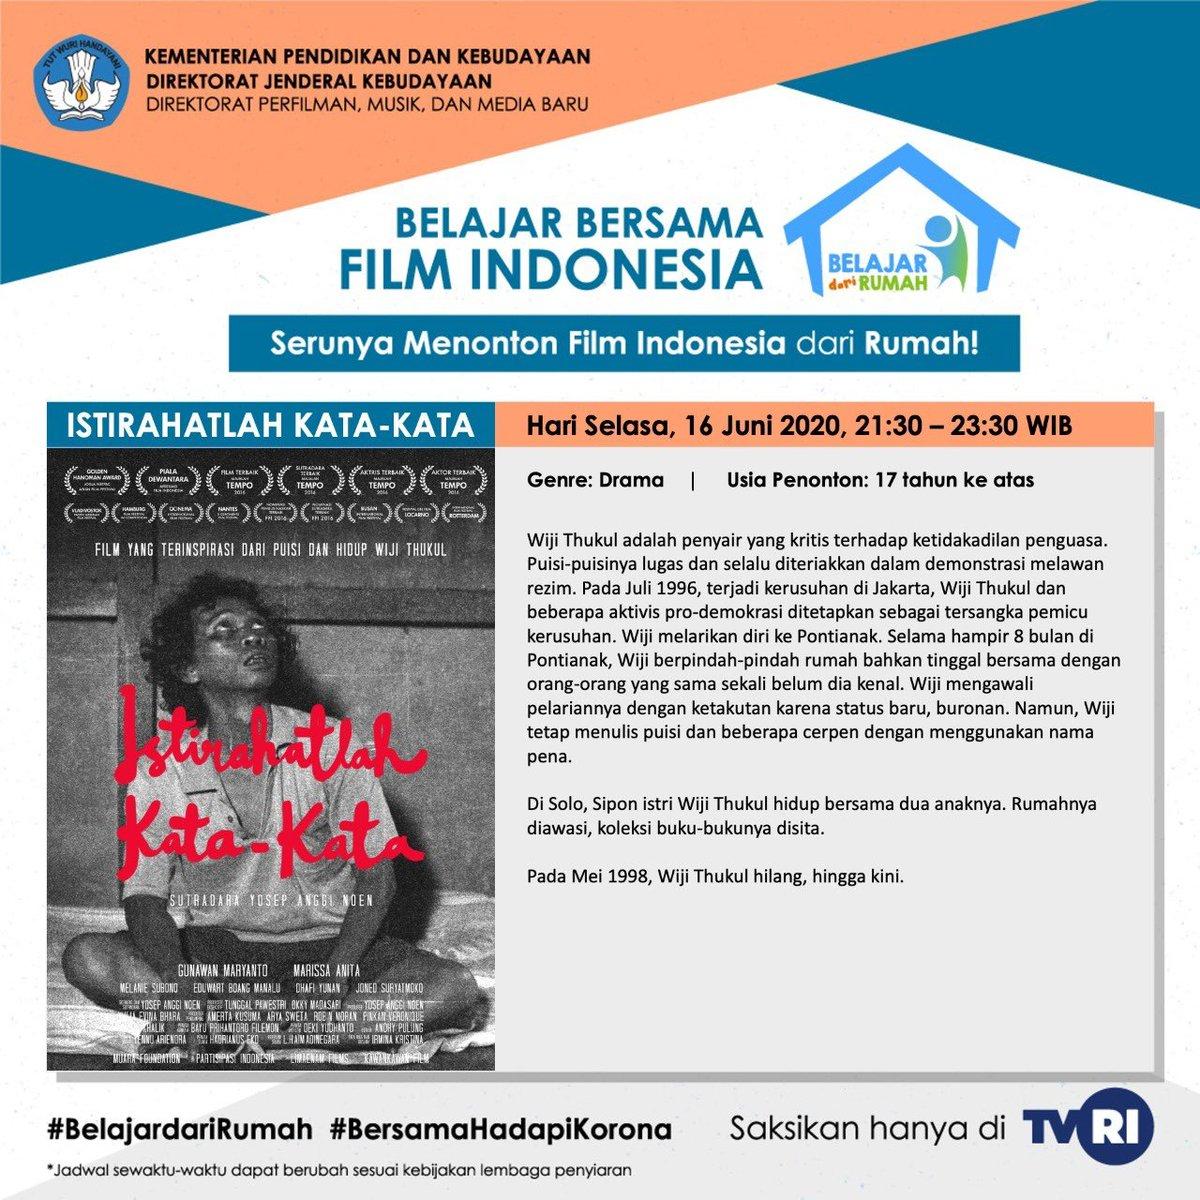 Tayang nasional di TVRI! Nominasi Piala Citra, Film Pilihan Tempo, @gunawanmaryanto @MarissaAnita Pilihan Tempo, Best Film Bangkok ASEAN Film Festival, Golden Hanuman @JAFFJogja akan hadir di ruang keluarga anda. https://t.co/z0JroHjx66